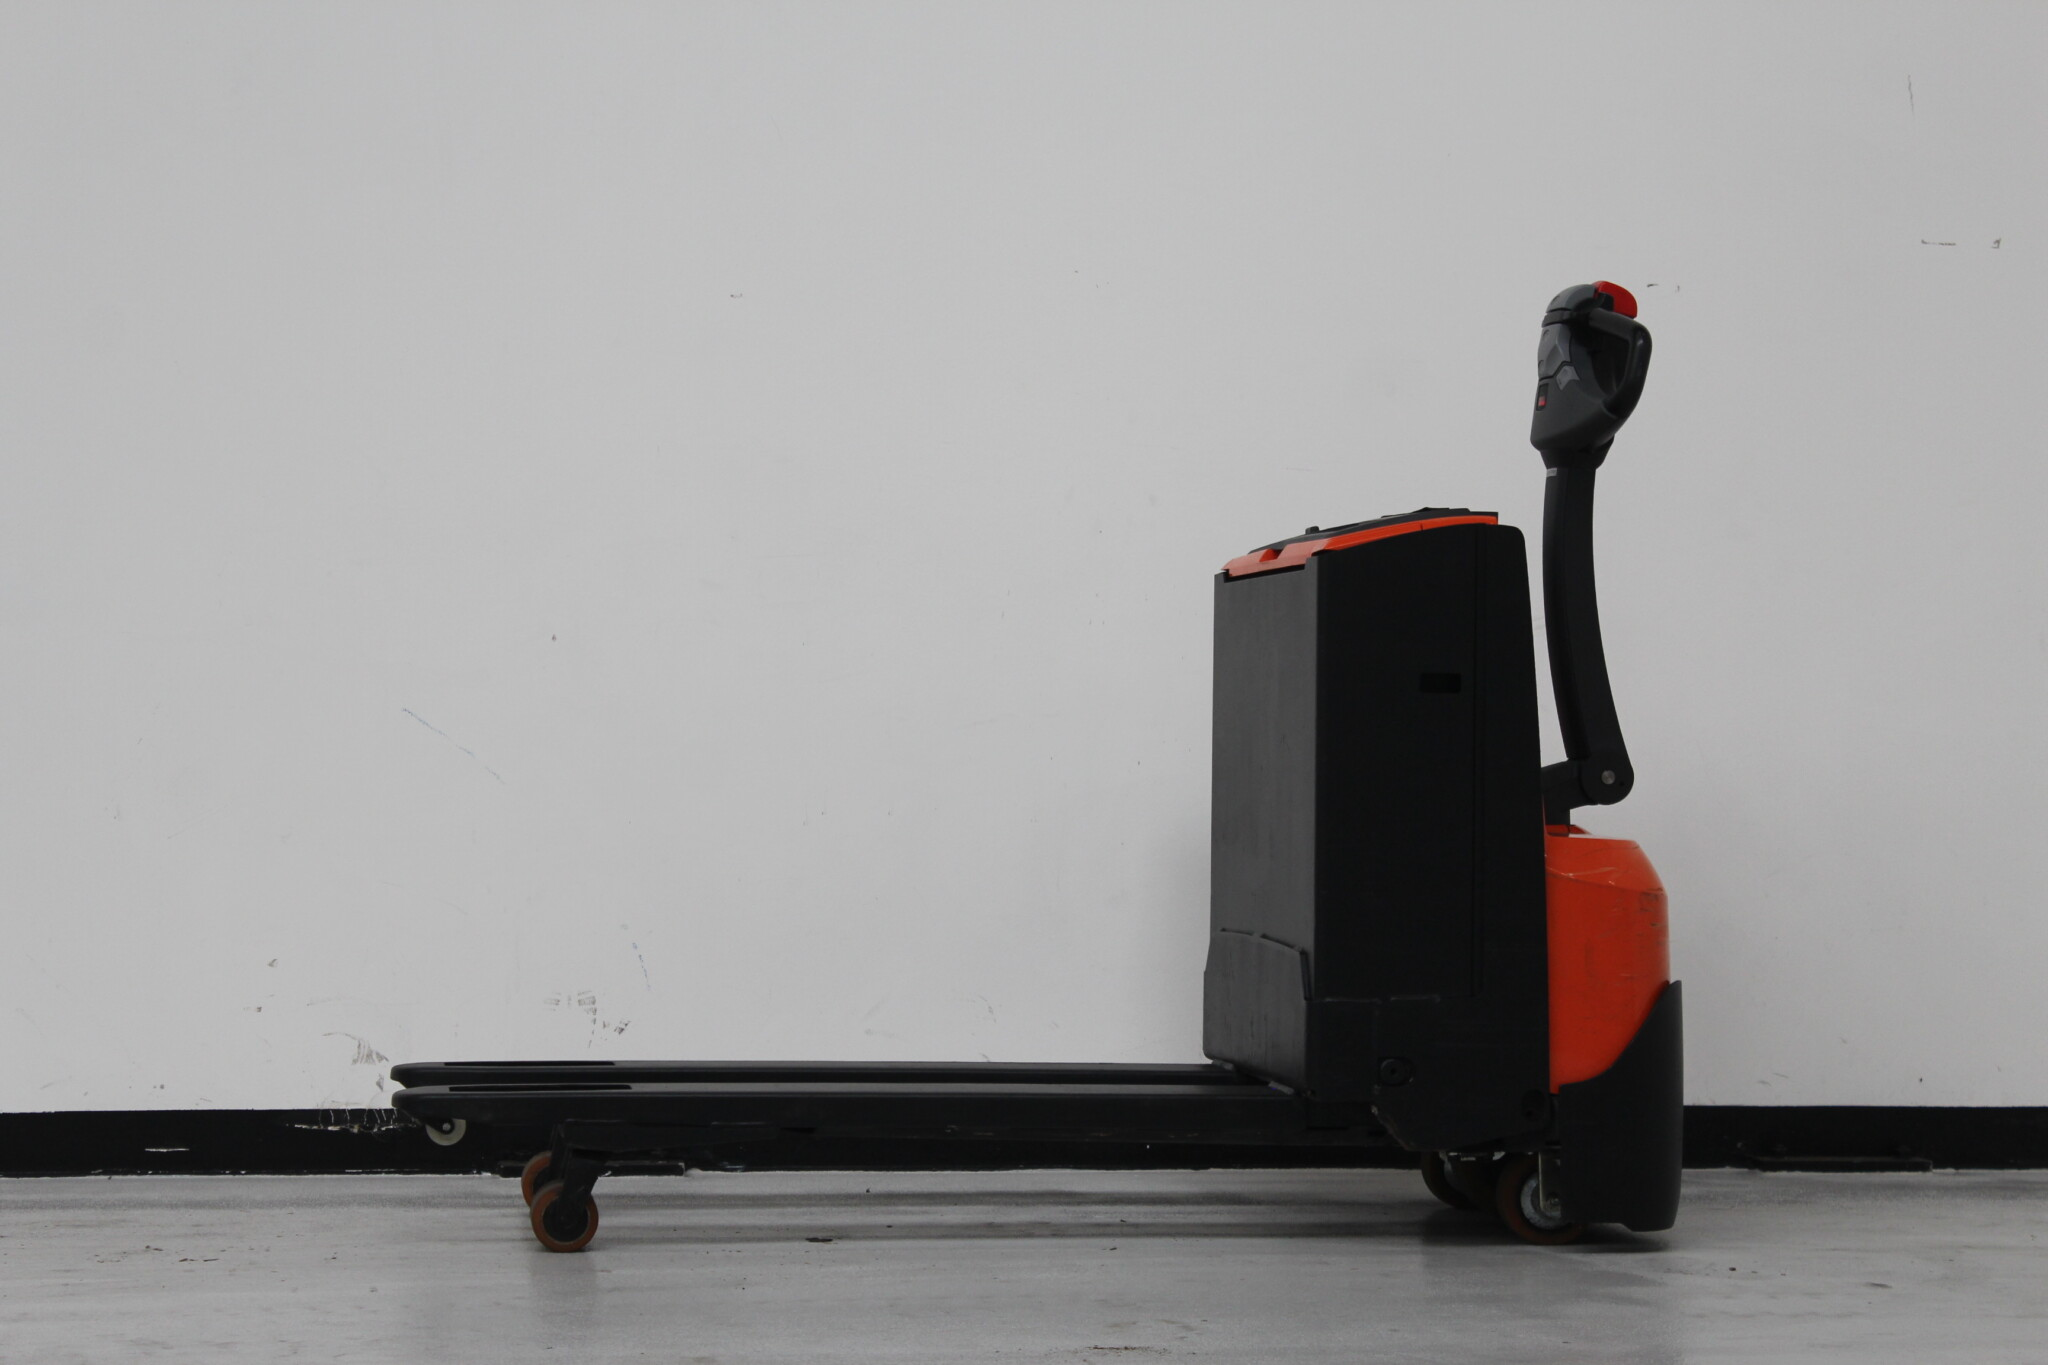 Toyota-Gabelstapler-59840 1501022467 1 scaled